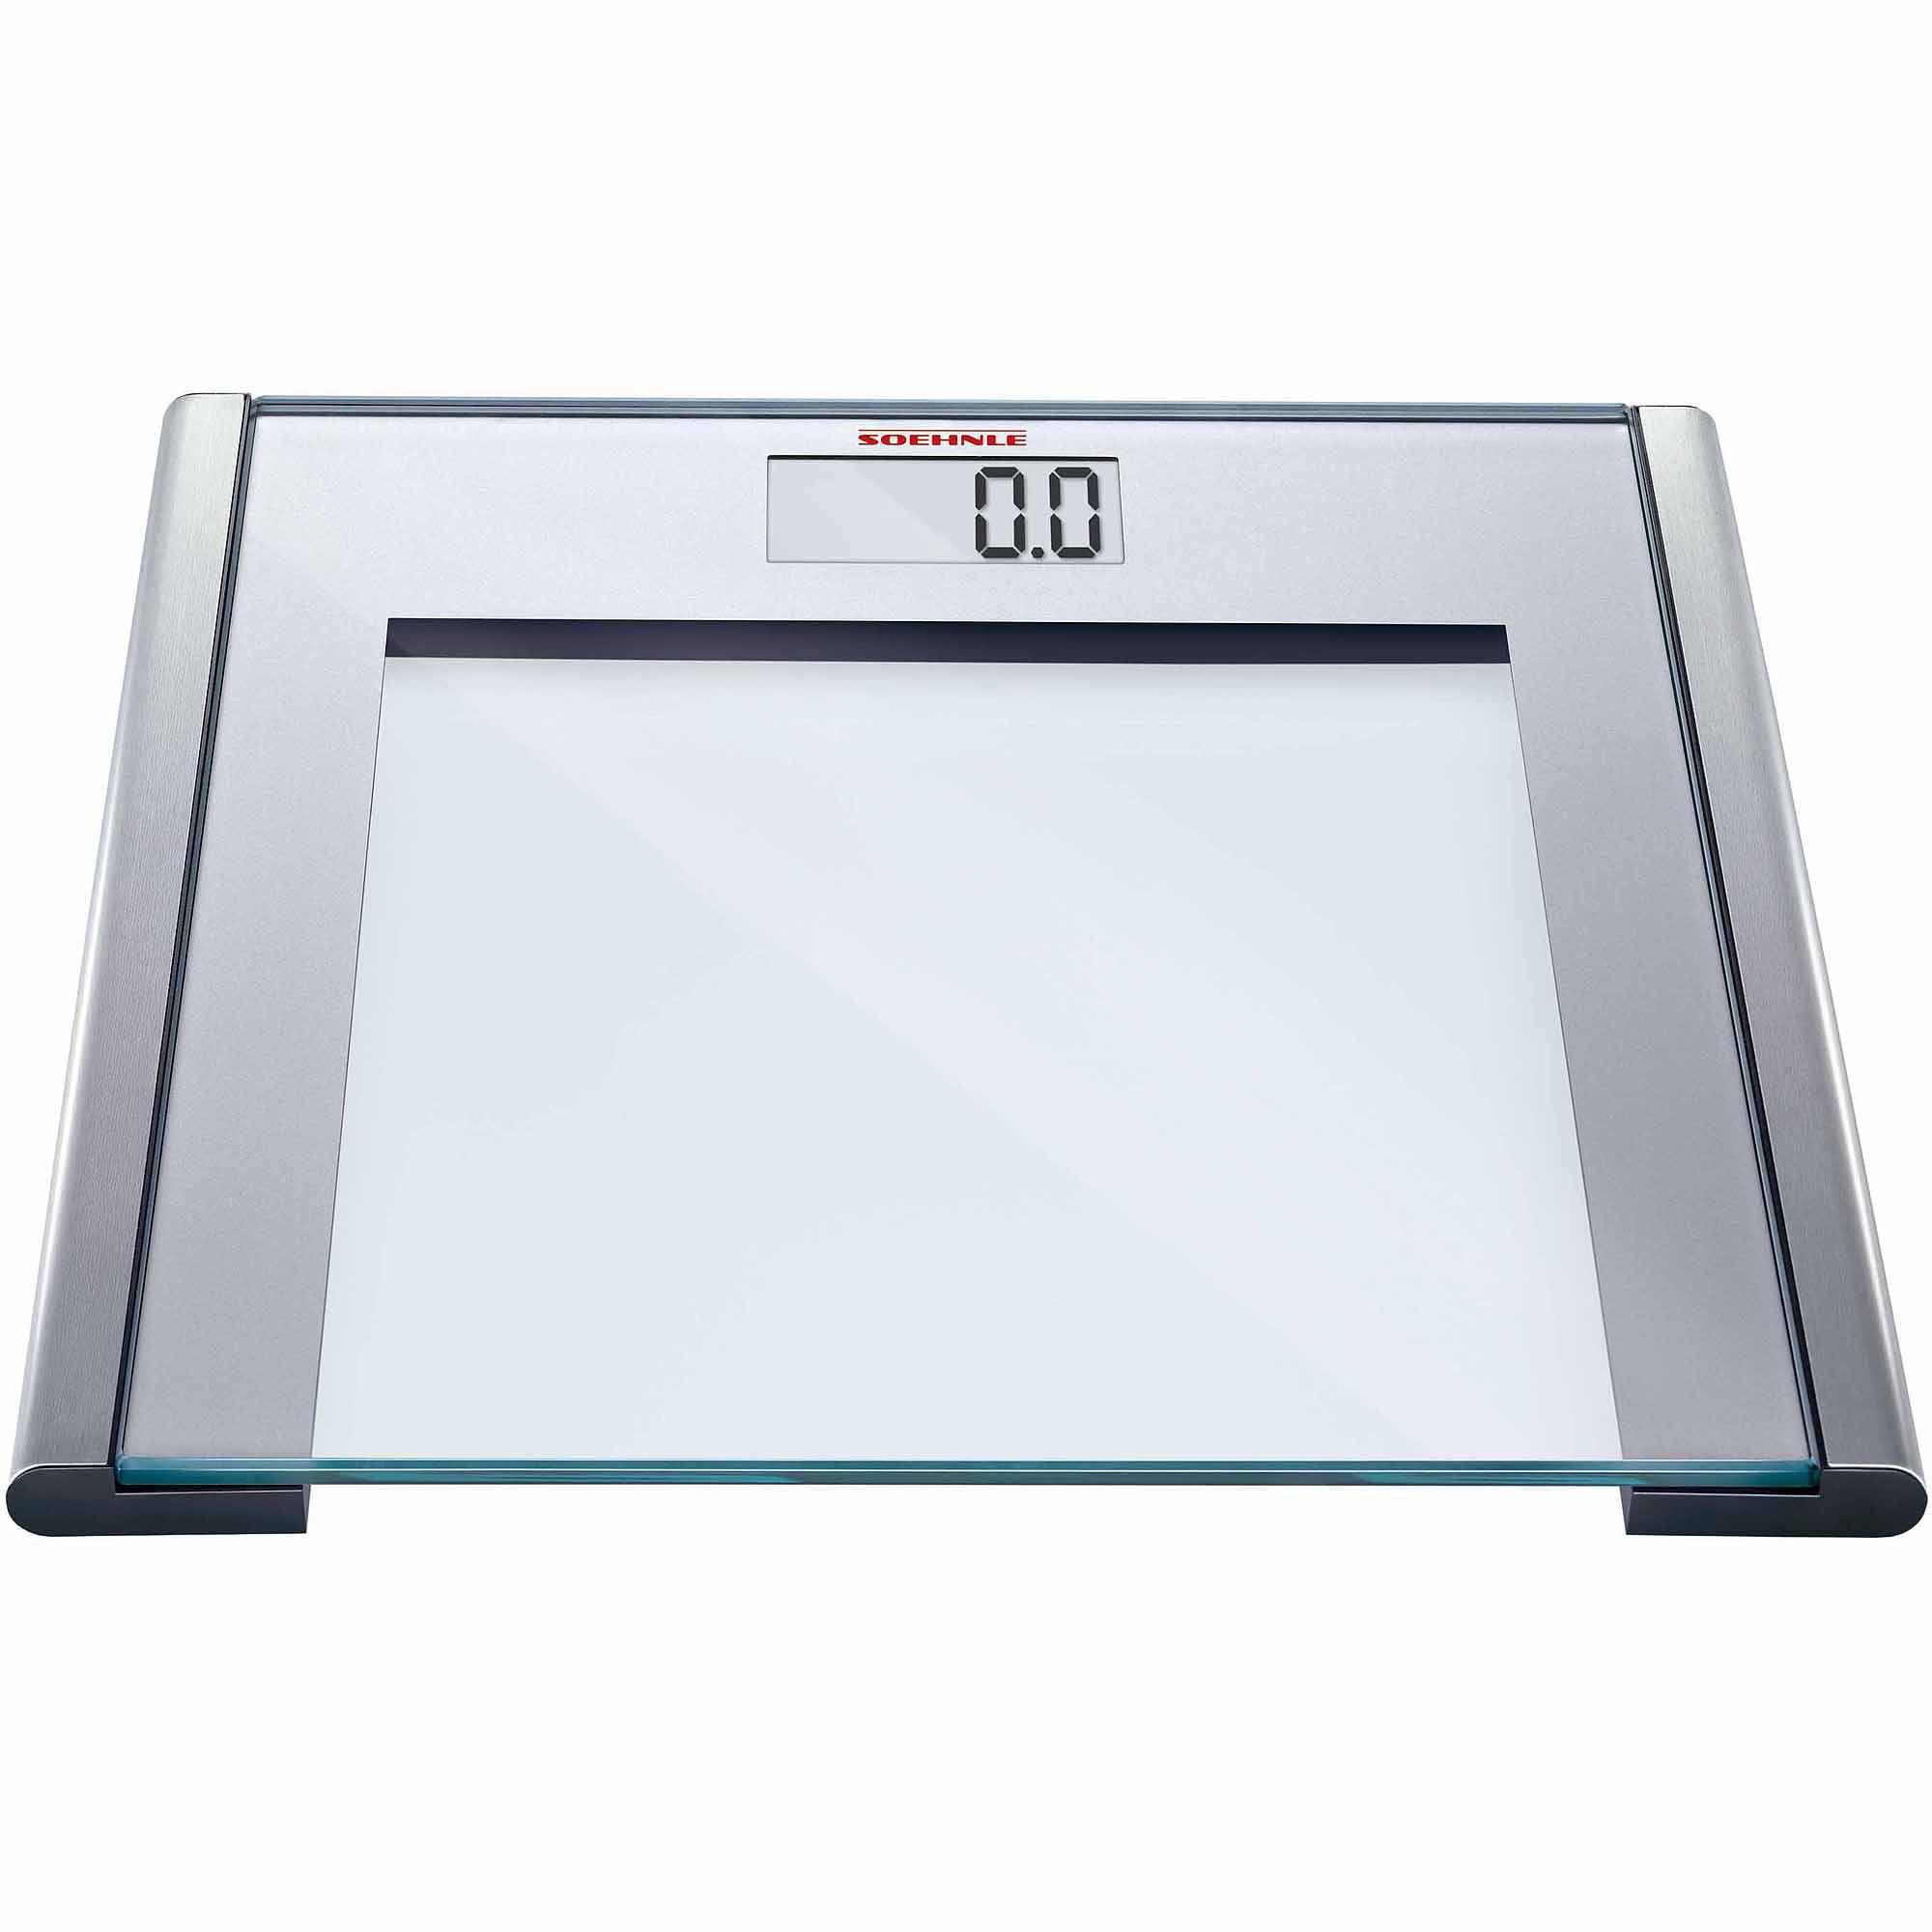 Soehnle SILVER SENSE Precision Digital Bathroom Scale, 330 lb Capacity, Safety Glass/Silver